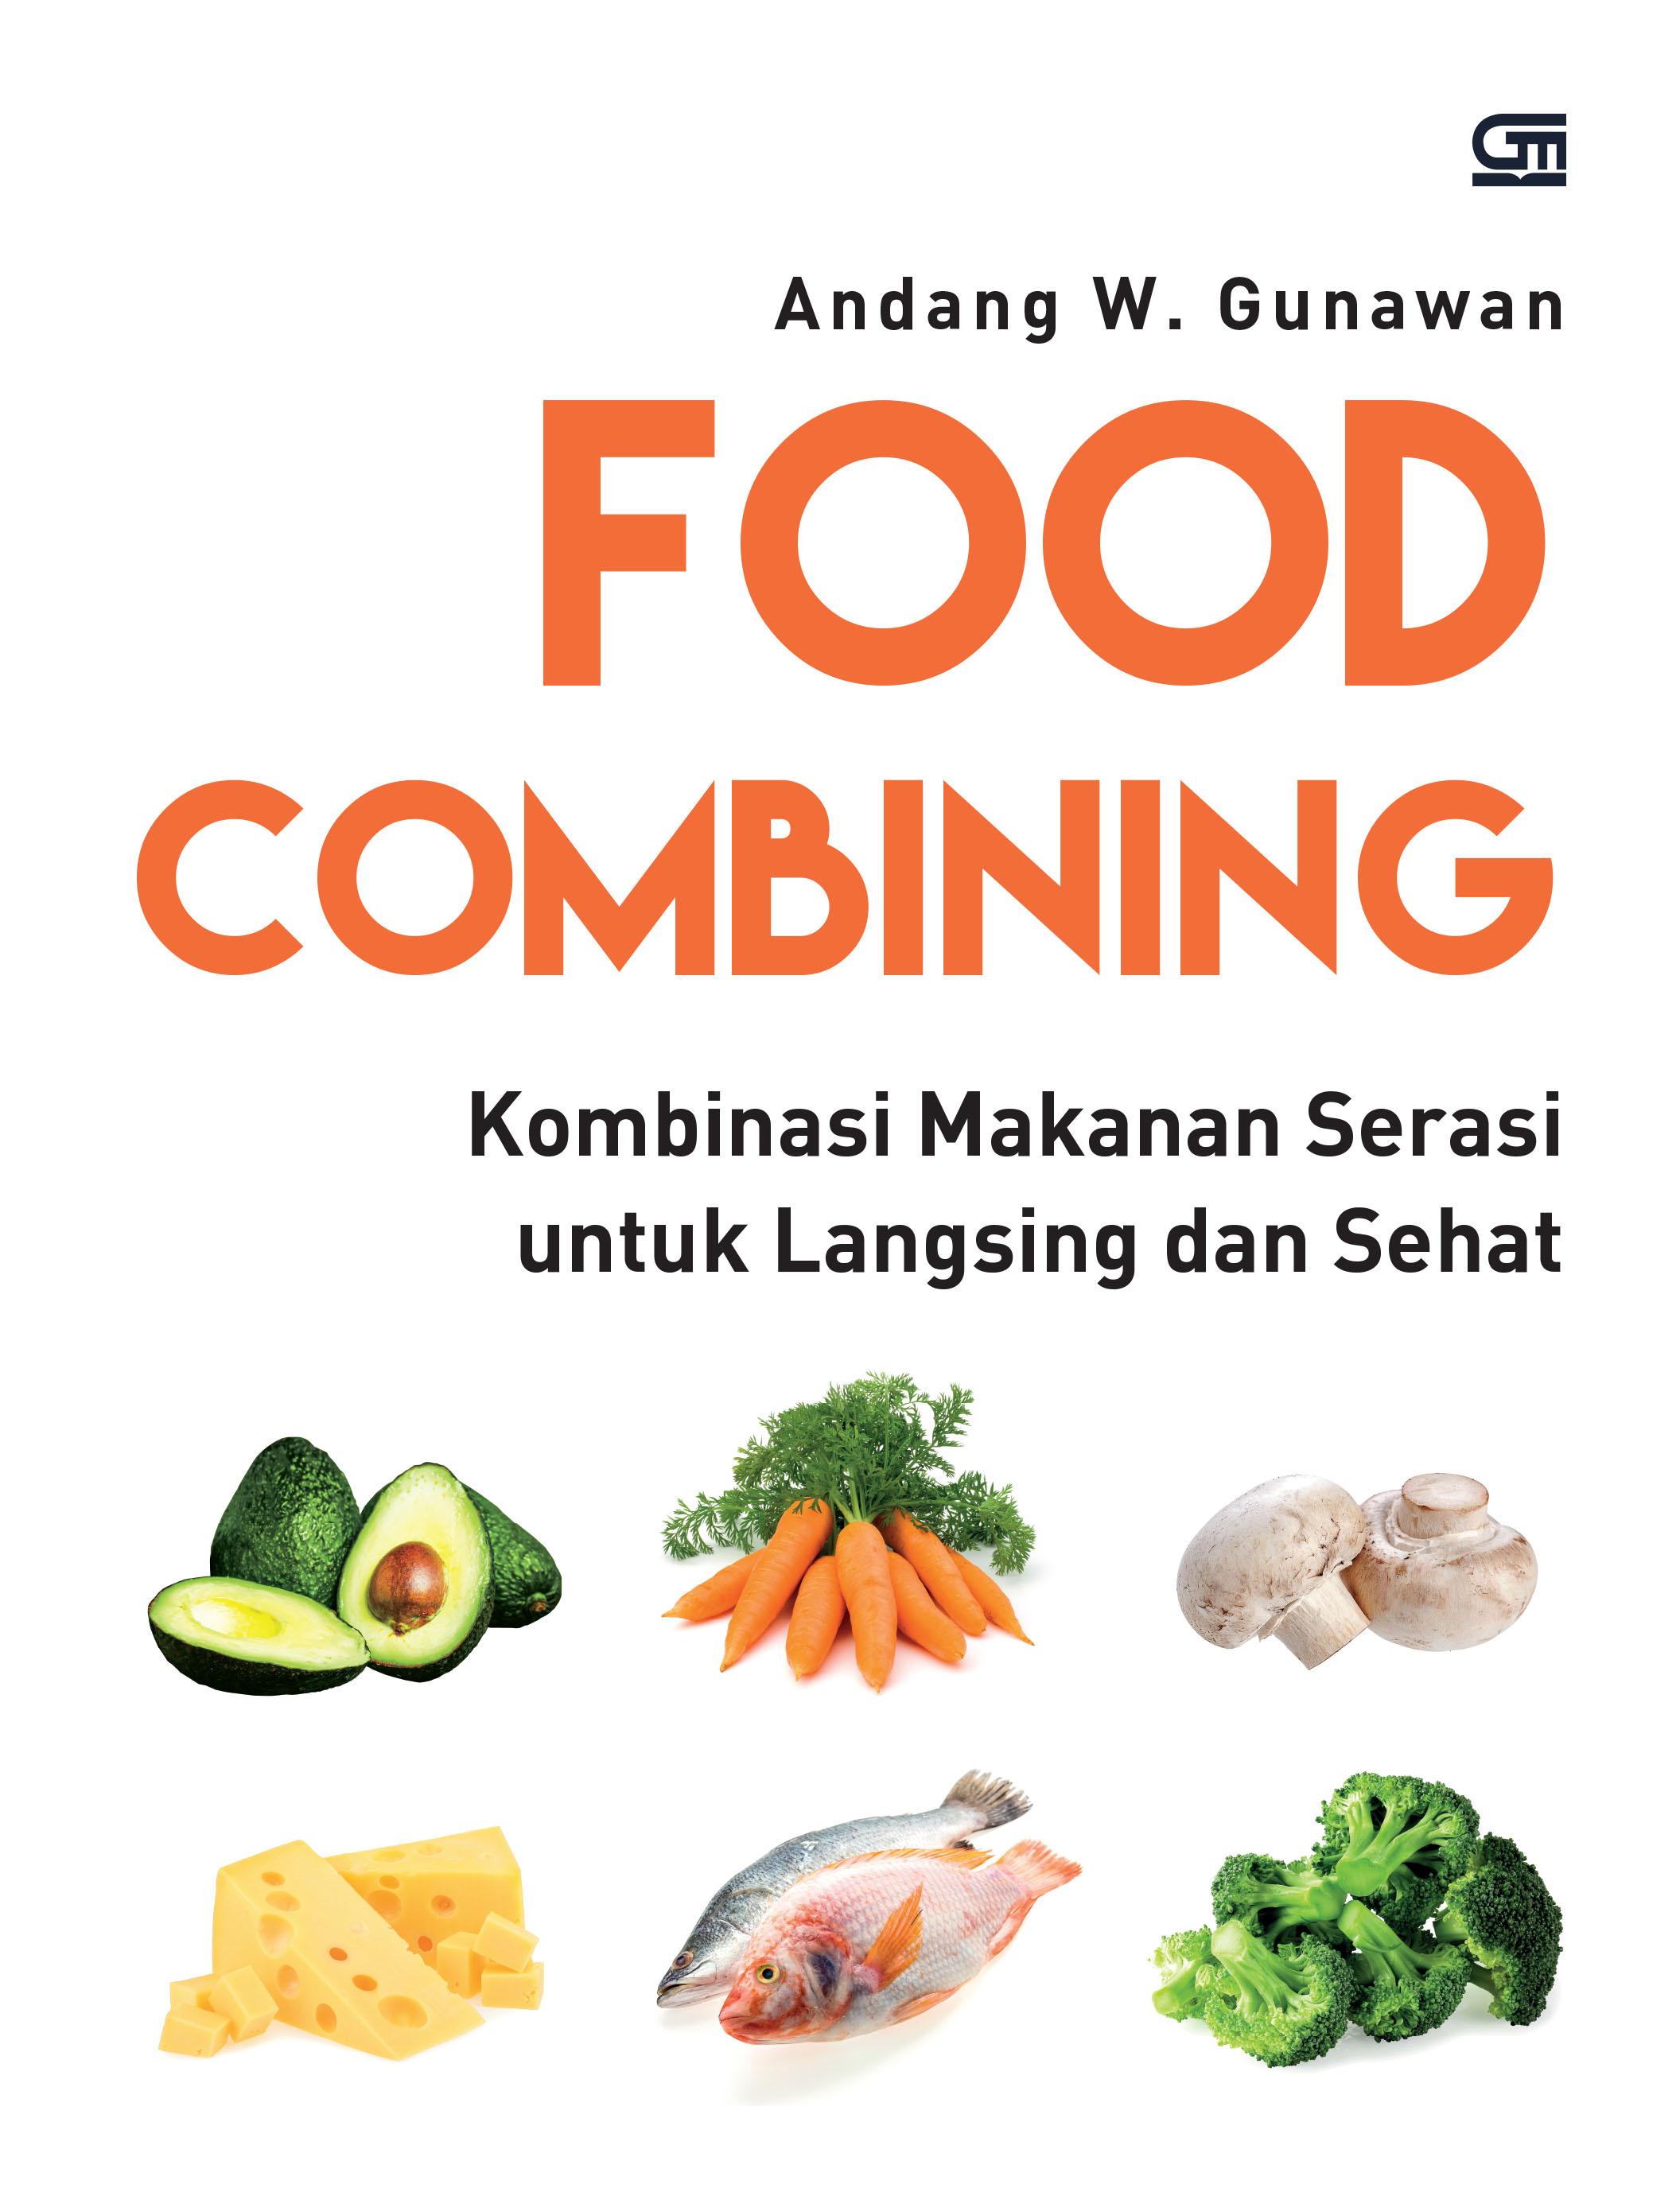 Food Combining: Kombinasi Makanan Sehat untuk Langsing dan Sehat